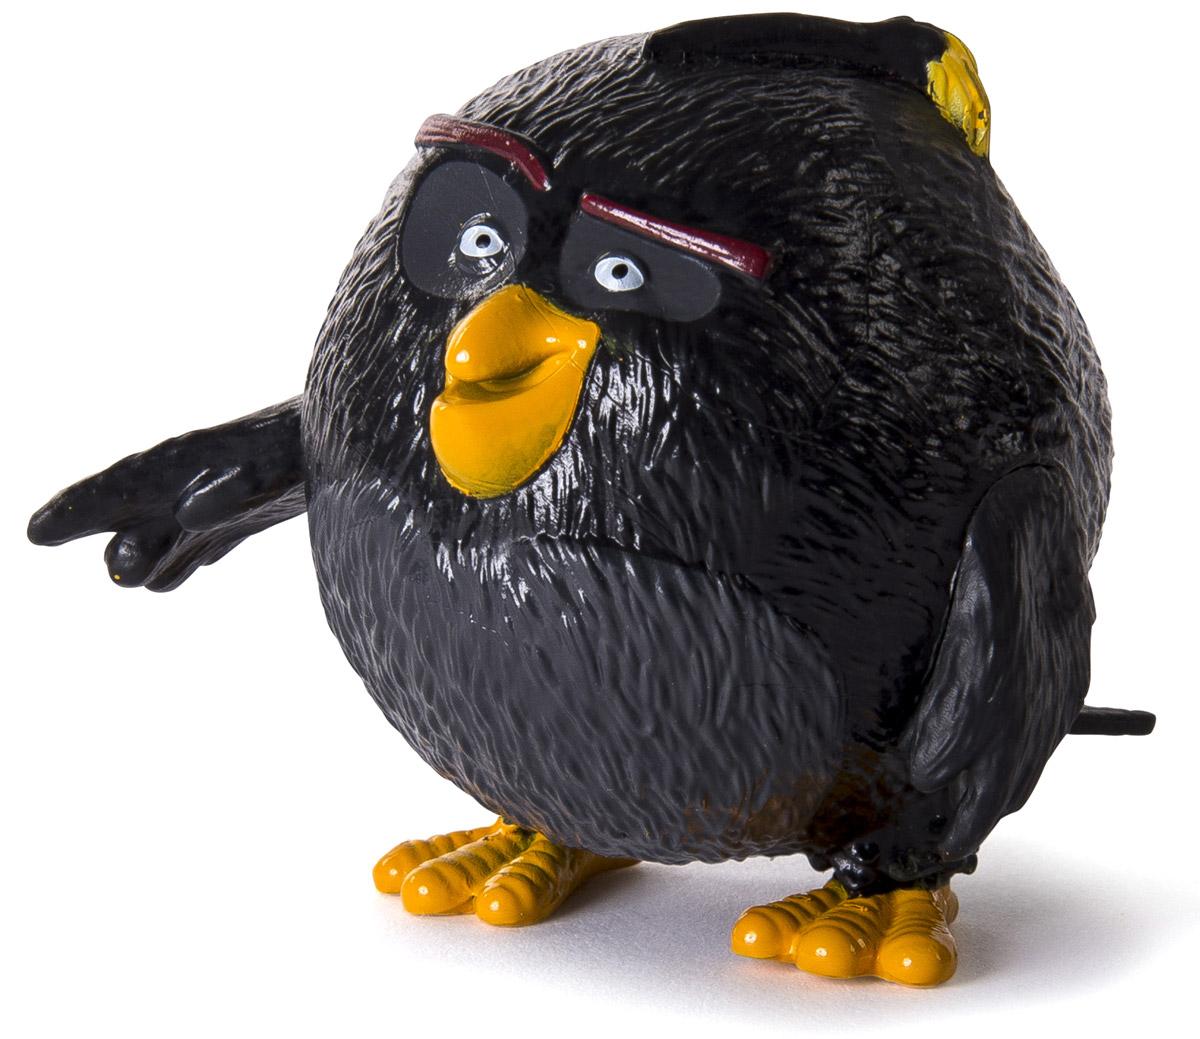 Angry Birds Мини-фигурка Bomb90501_BombМини-фигурка Angry Birds Bomb - подарок для любого поклонника сердитых птичек и зеленых поросят! Высота мини-фигурки 5 см, игрушка выполнена из пластика и очень тщательно детализирована. Фигурка очень ярко и точно отражает характер героя и его эмоции. Бомб - это черная взрывоопасная птичка. Он взрывается, как только начинает на кого-нибудь или что-нибудь злиться. Он очень страдает из-за этого и всеми способами старается избавится от своей особенности. Соберите всю коллекцию смешных персонажей Angry Birds!